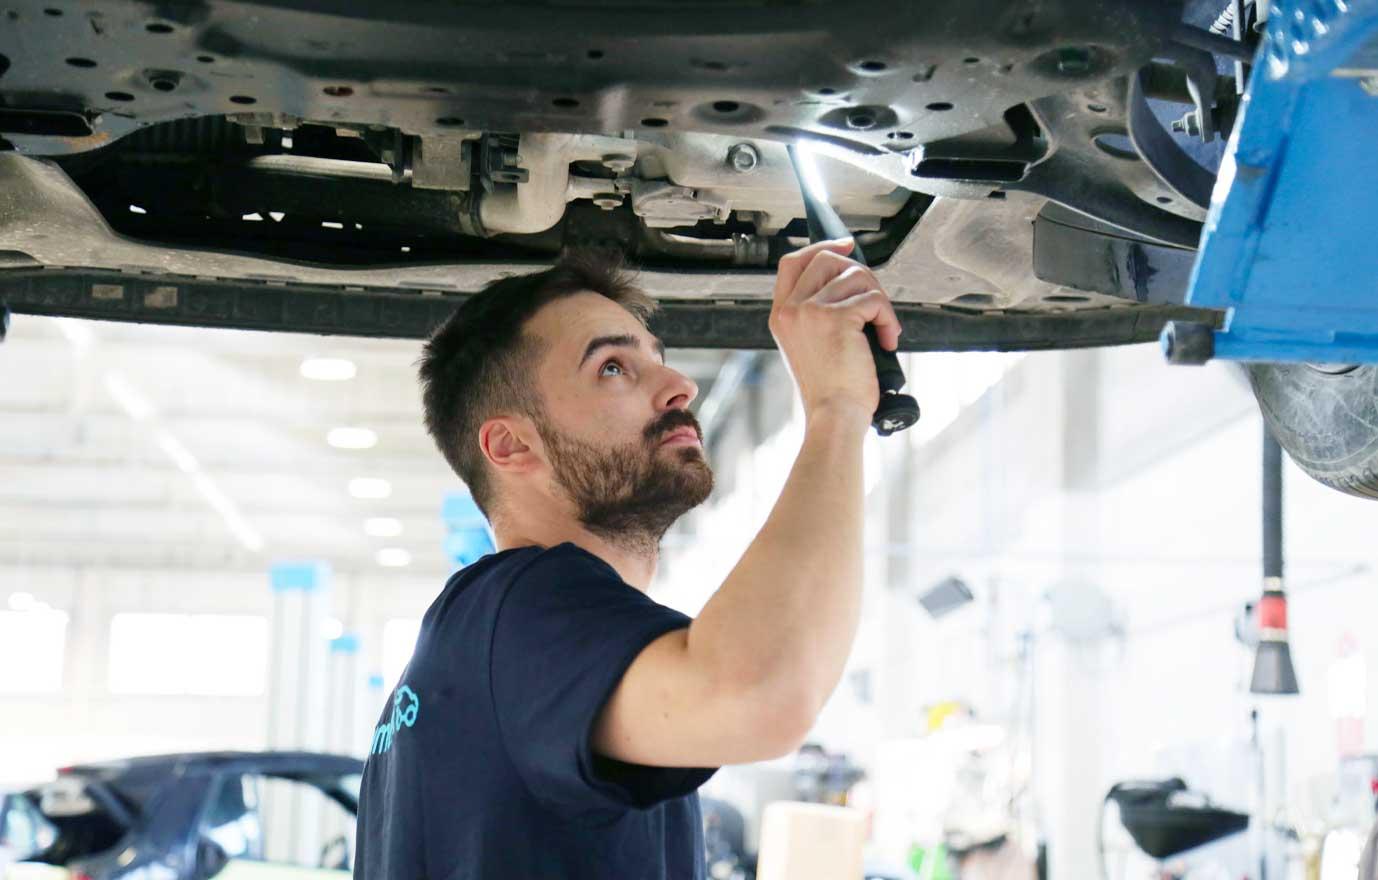 La garanzia di qualità delle auto usate